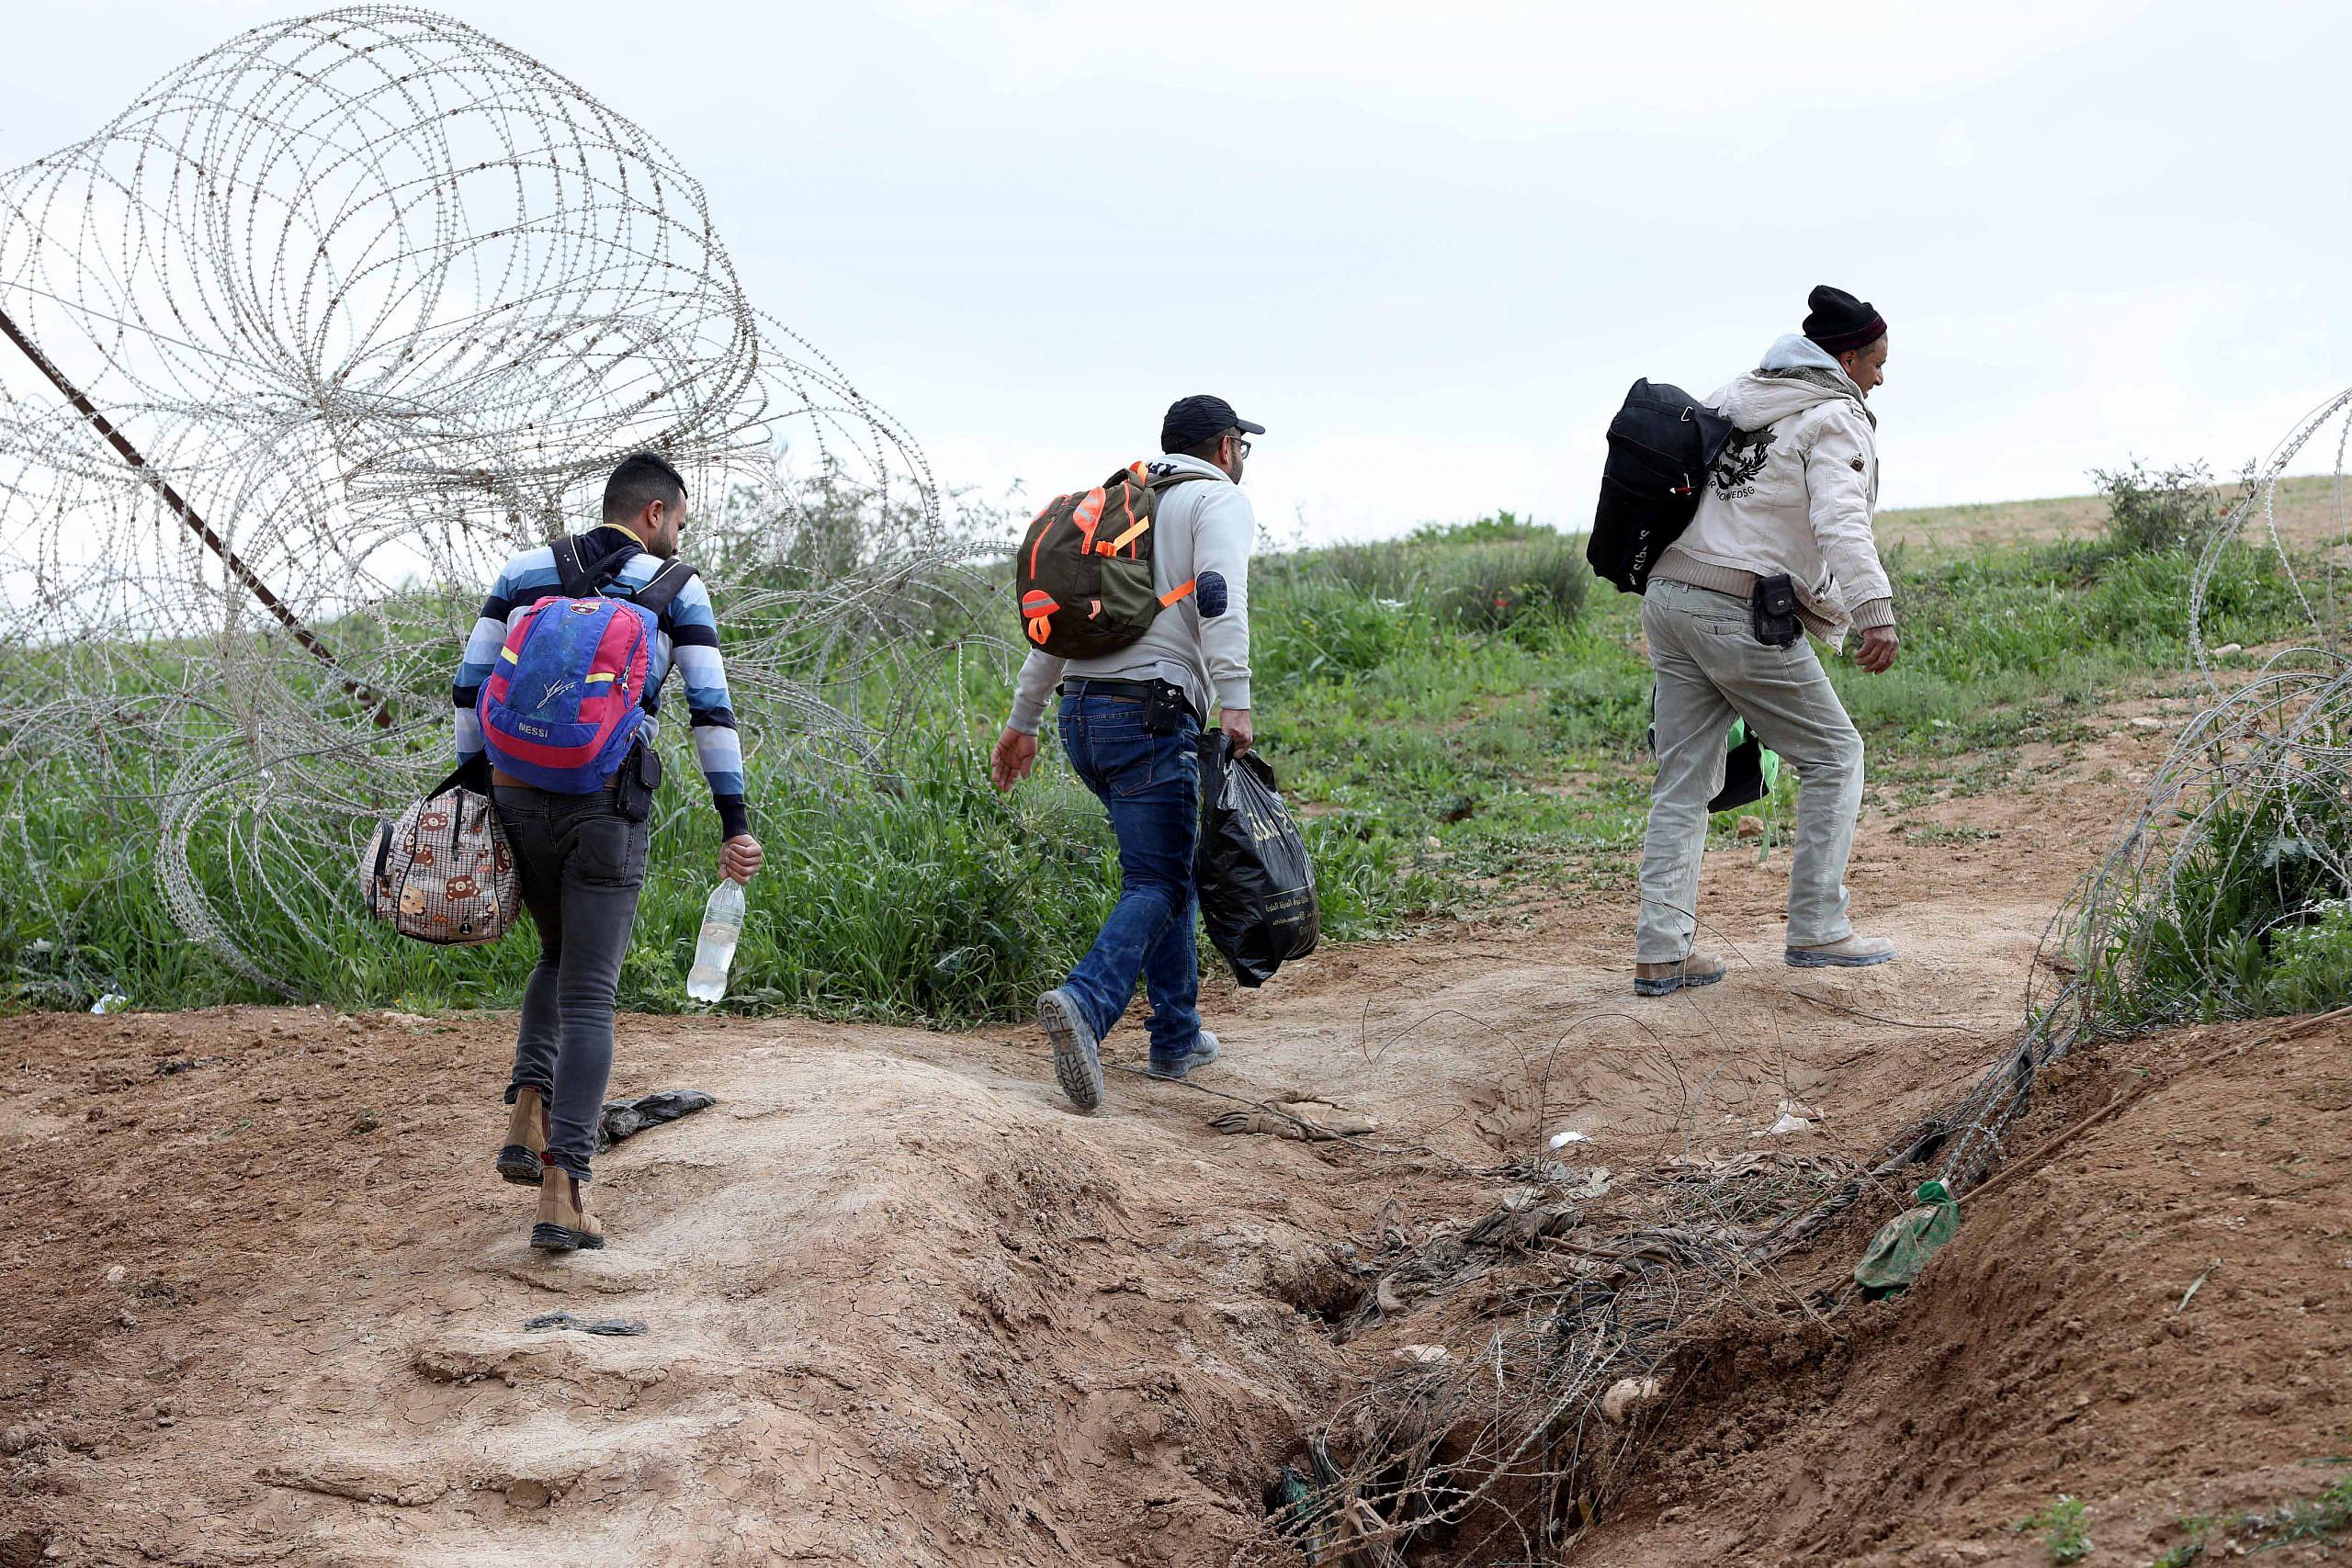 I lavoratori palestinesi della città di Hebron in Cisgiordania trasportano oggetti personali mentre attraversano la barriera di separazione israeliana attraverso un buco, dopo che l'ingresso in Israele è stato bandito in seguito alla diffusione del coronavirus, vicino alla città di Hebron in Cisgiordania, il 22 marzo 2020 ( Wisam Hashlamoun / Flash90)